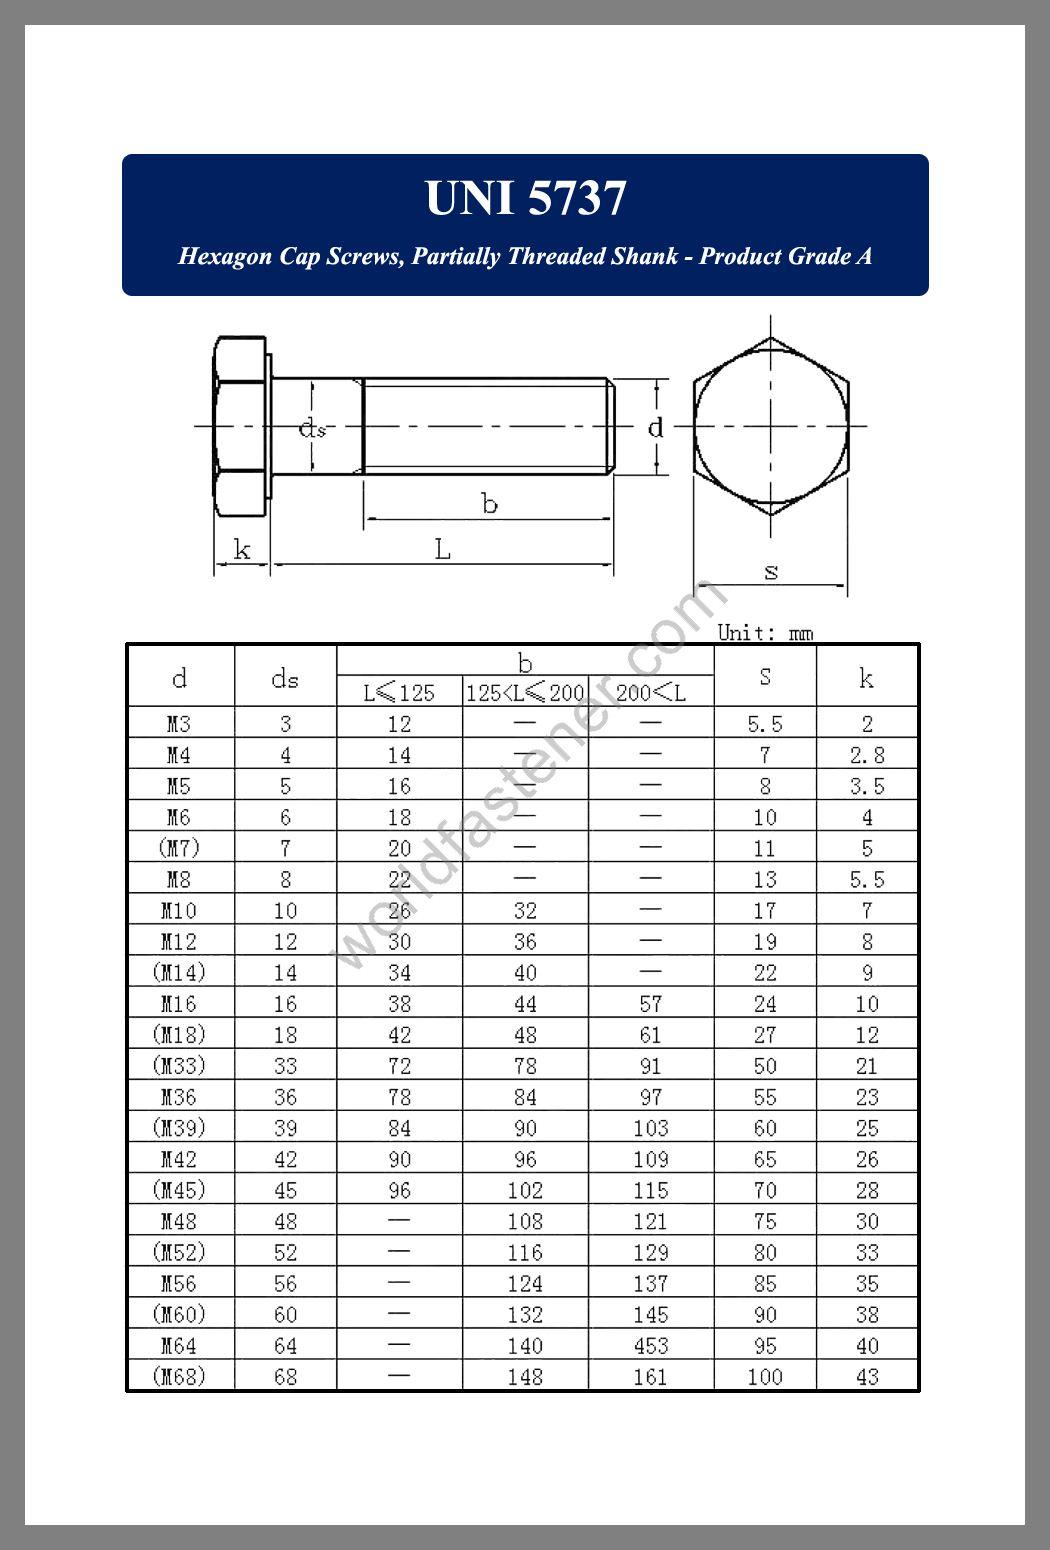 UNI 5737, UNI 5737 Hexagon Cap Screws, fastener, screw, bolt, Q bolt, Q Standard Fastener